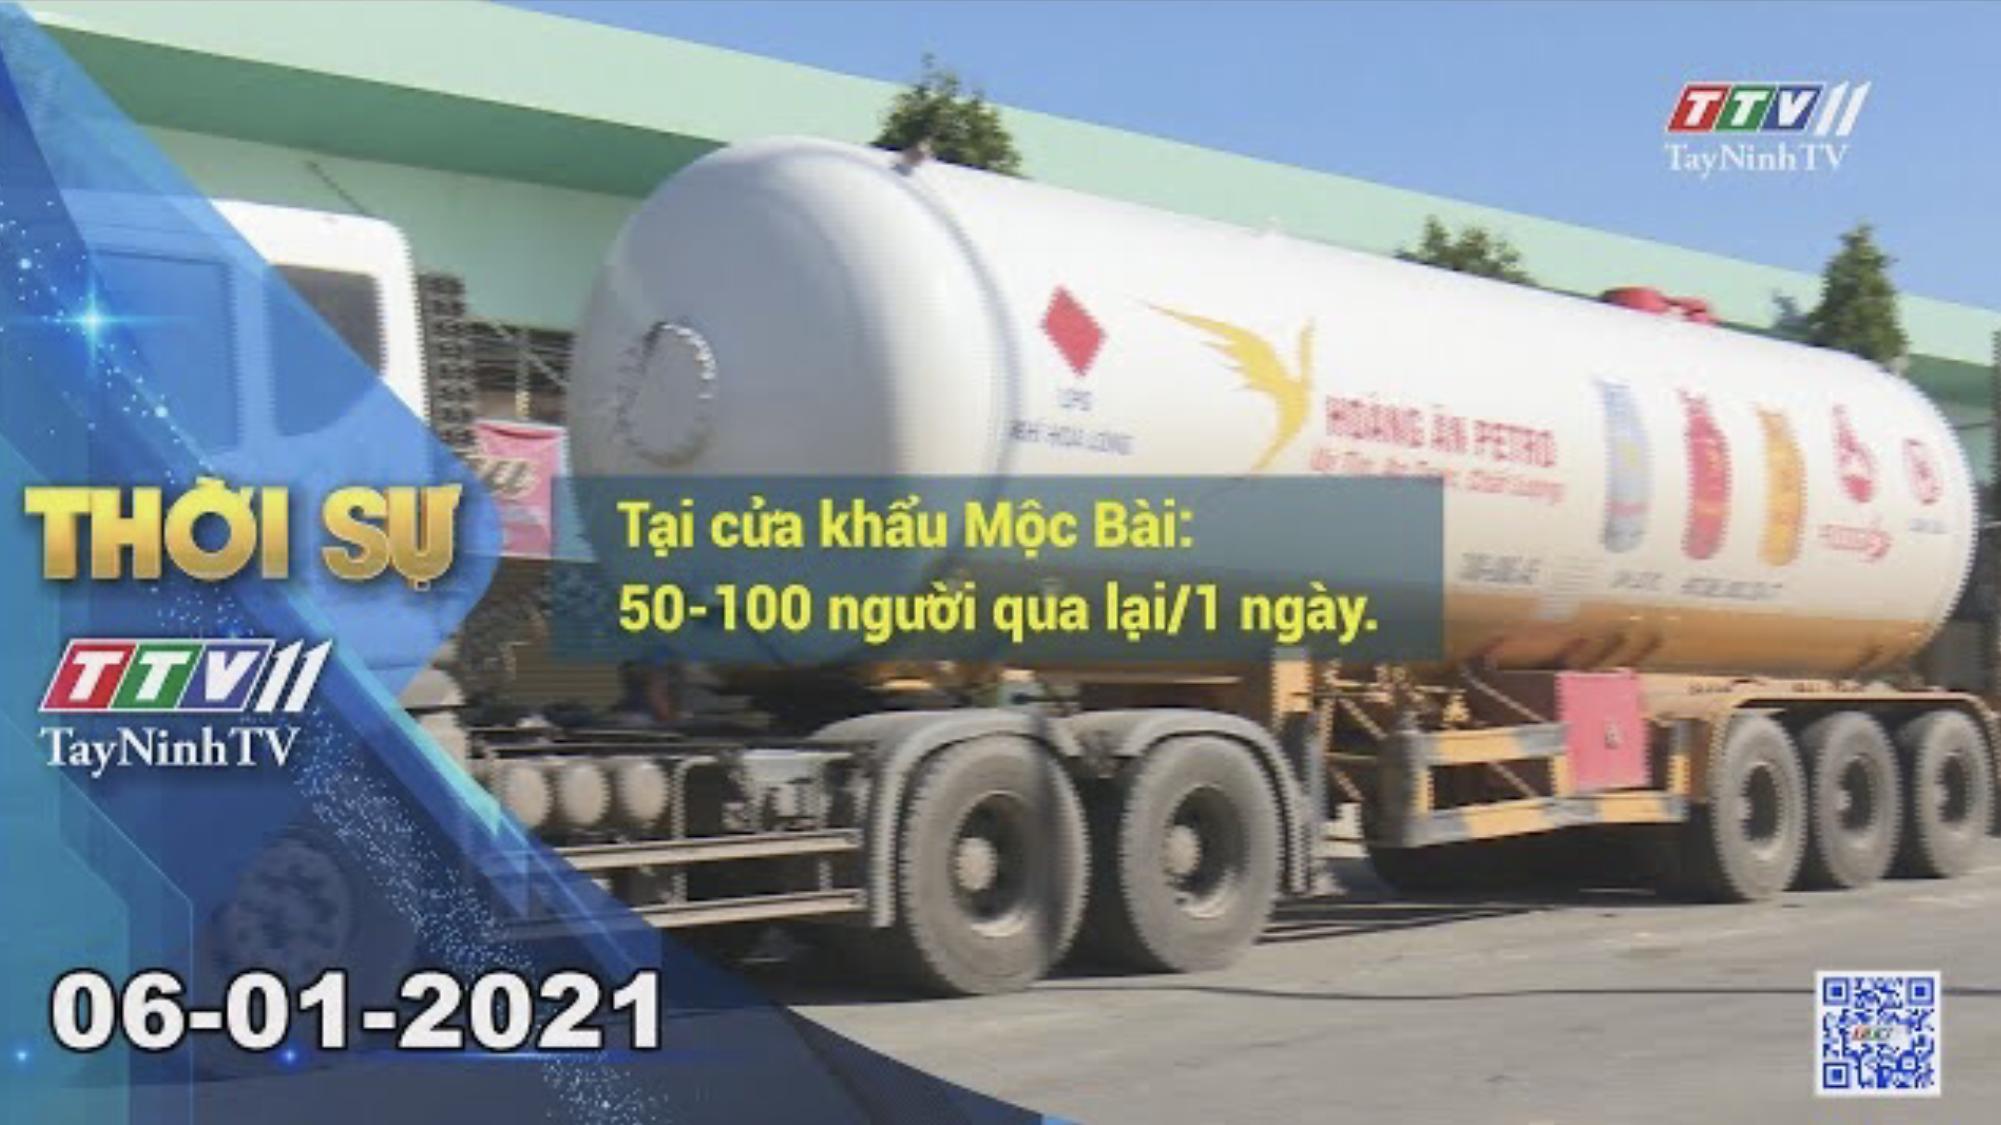 Thời sự Tây Ninh 06-01-2021 | Tin tức hôm nay | TayNinhTV